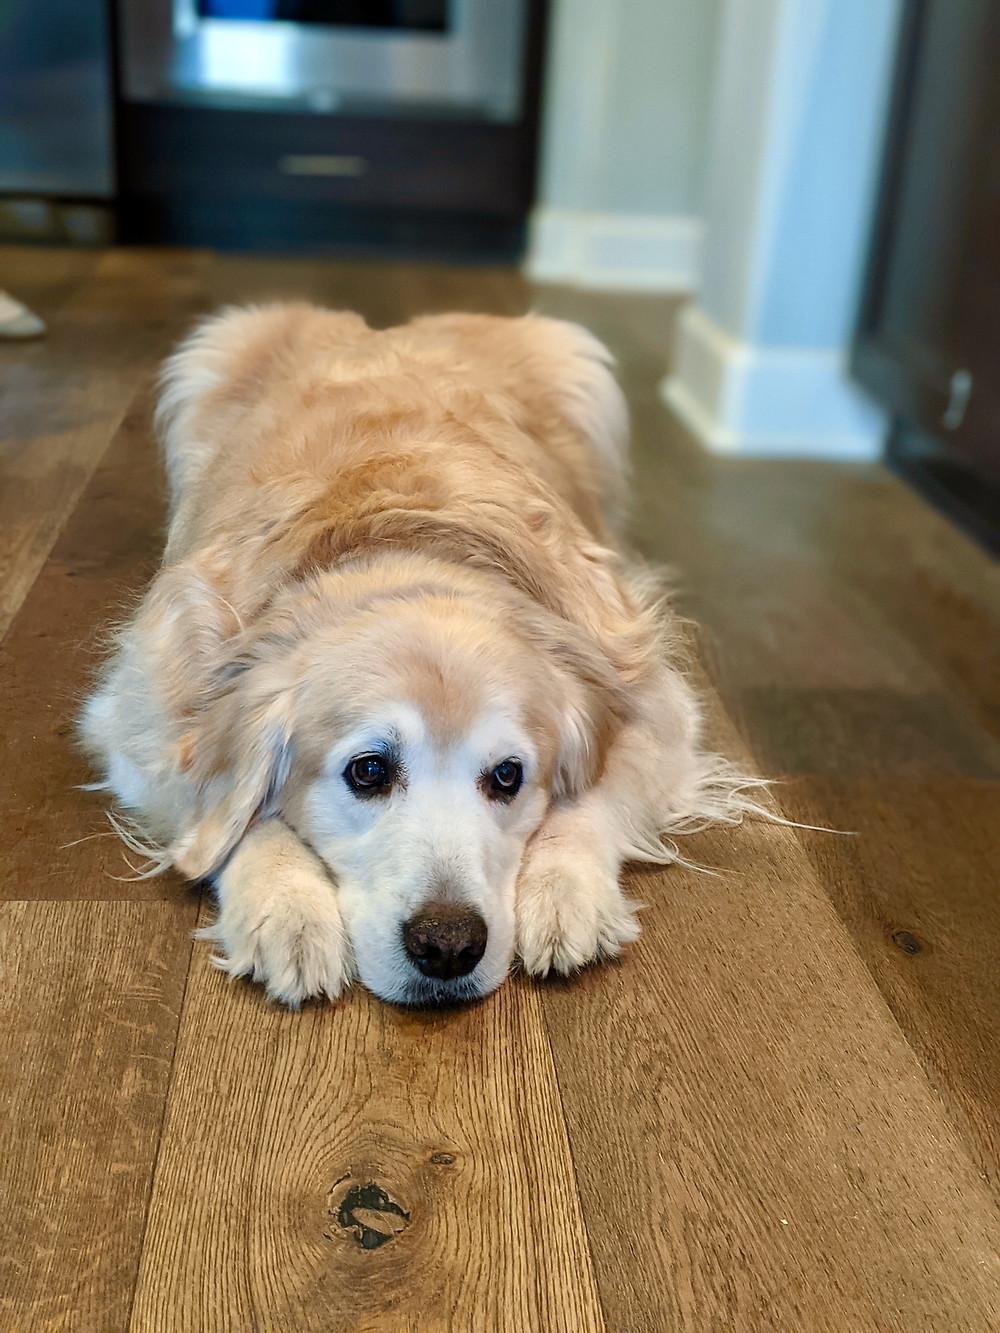 Golden retriever on hardwood floor